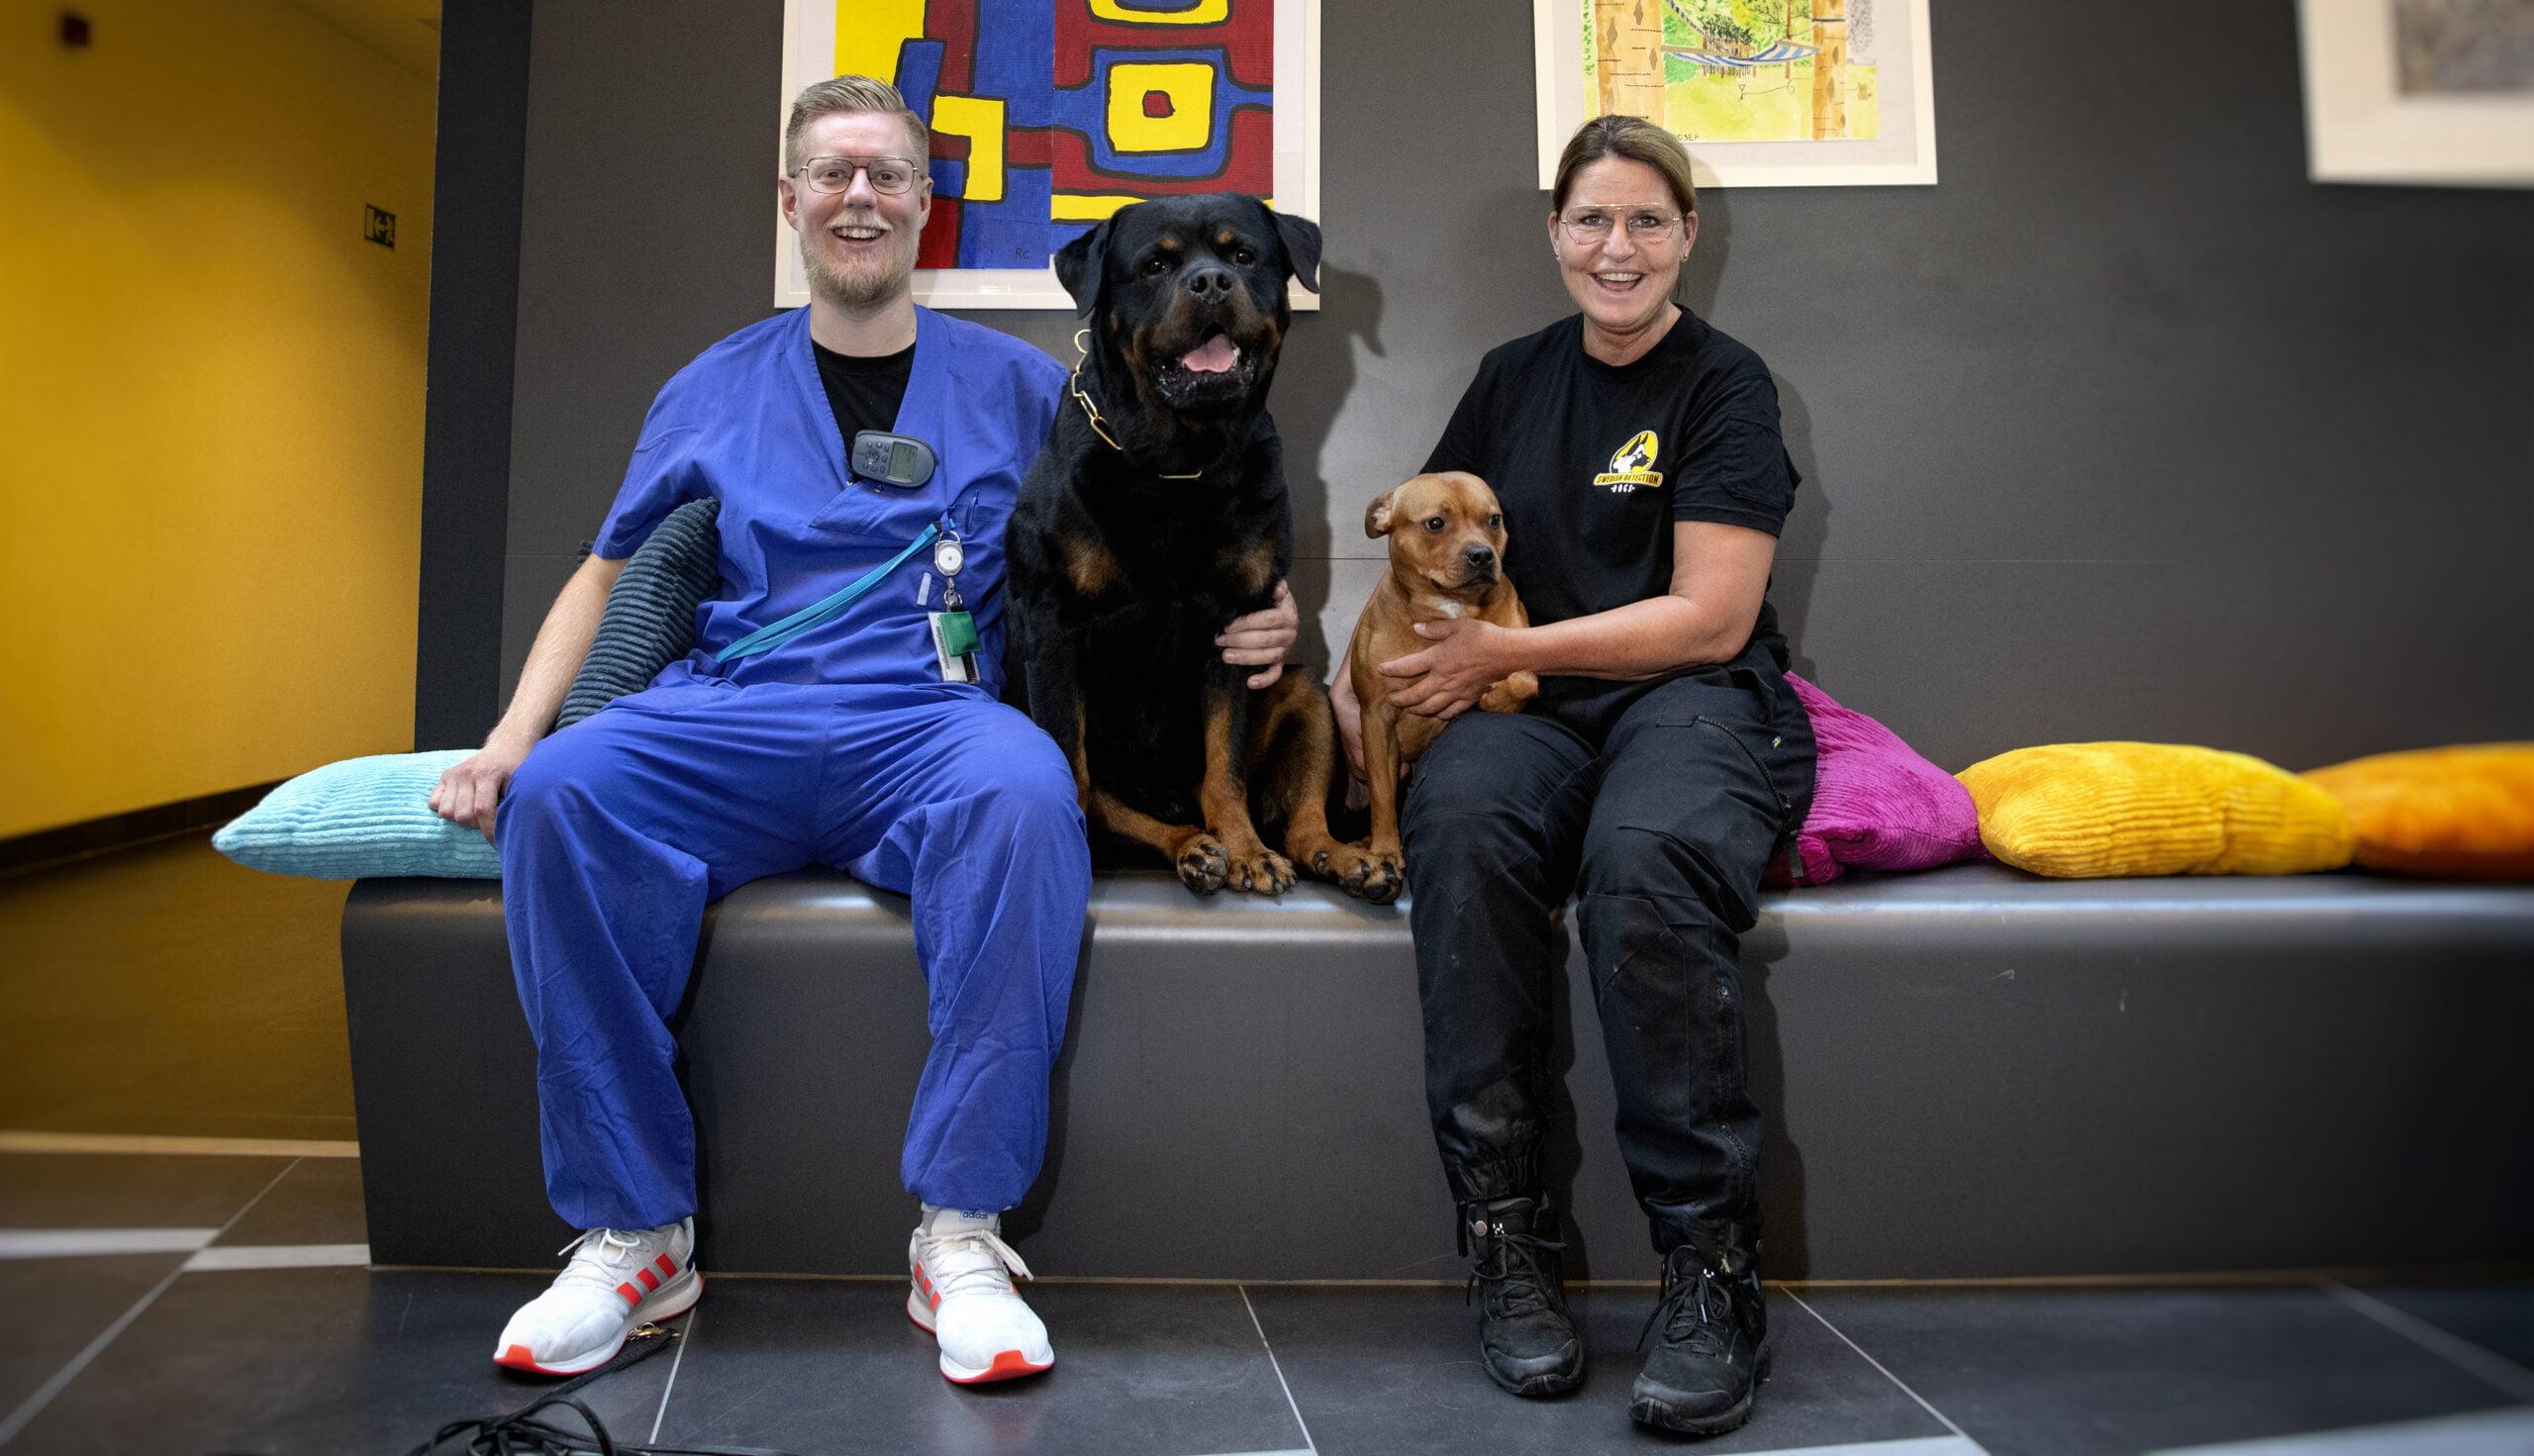 Kolleger och hundförare. Alexanders Hansson och Marika Broberg är båda hundförare inom rättspsykiatrin, här med Marikas hundar Bosse och Doriz. Foto: Anna Rehnberg